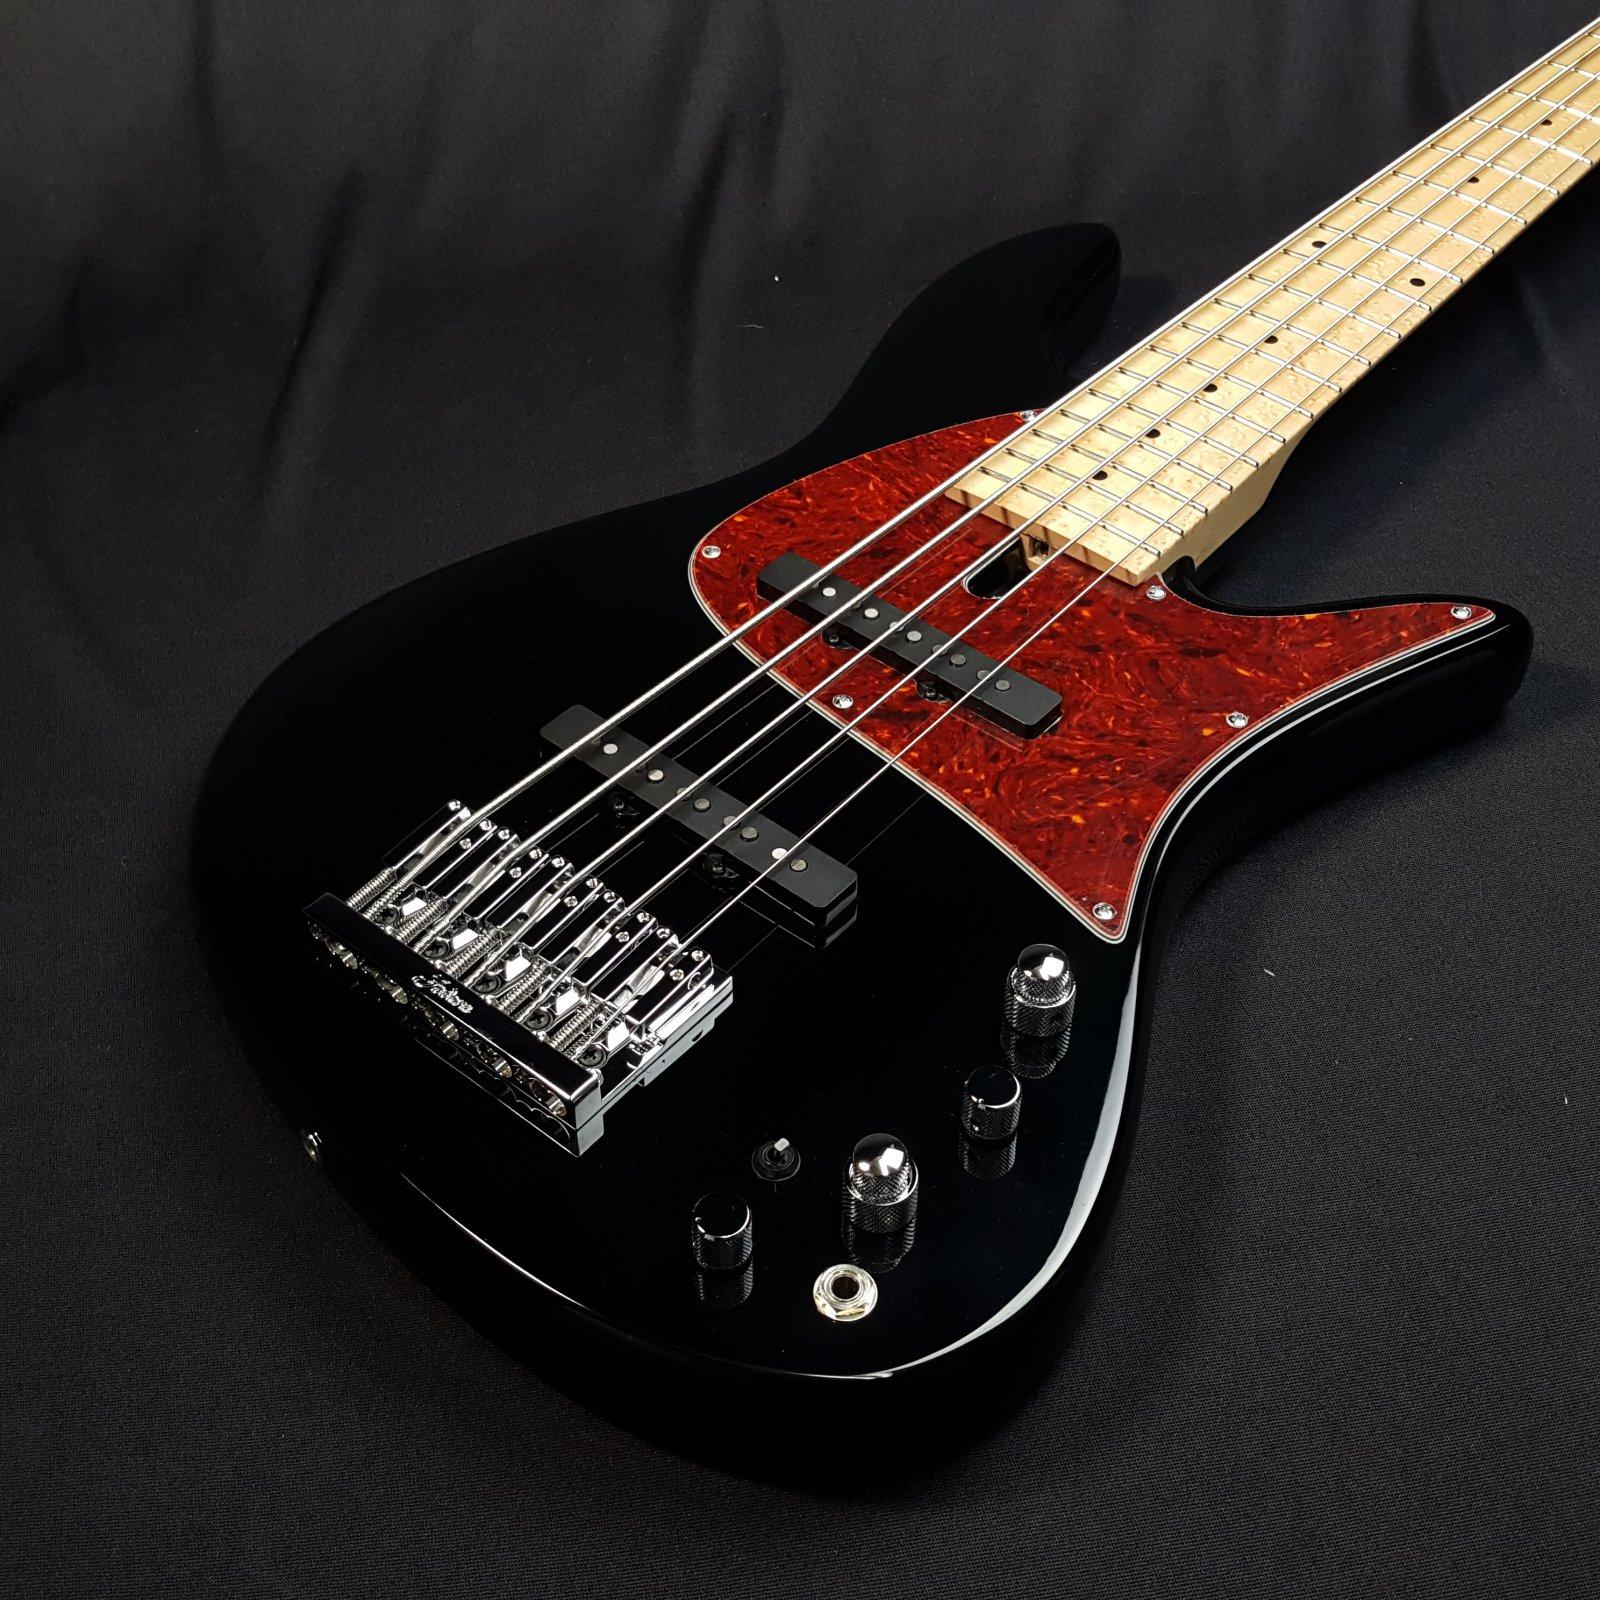 Fodera Emperor 5 J Standard Classic Gloss Black